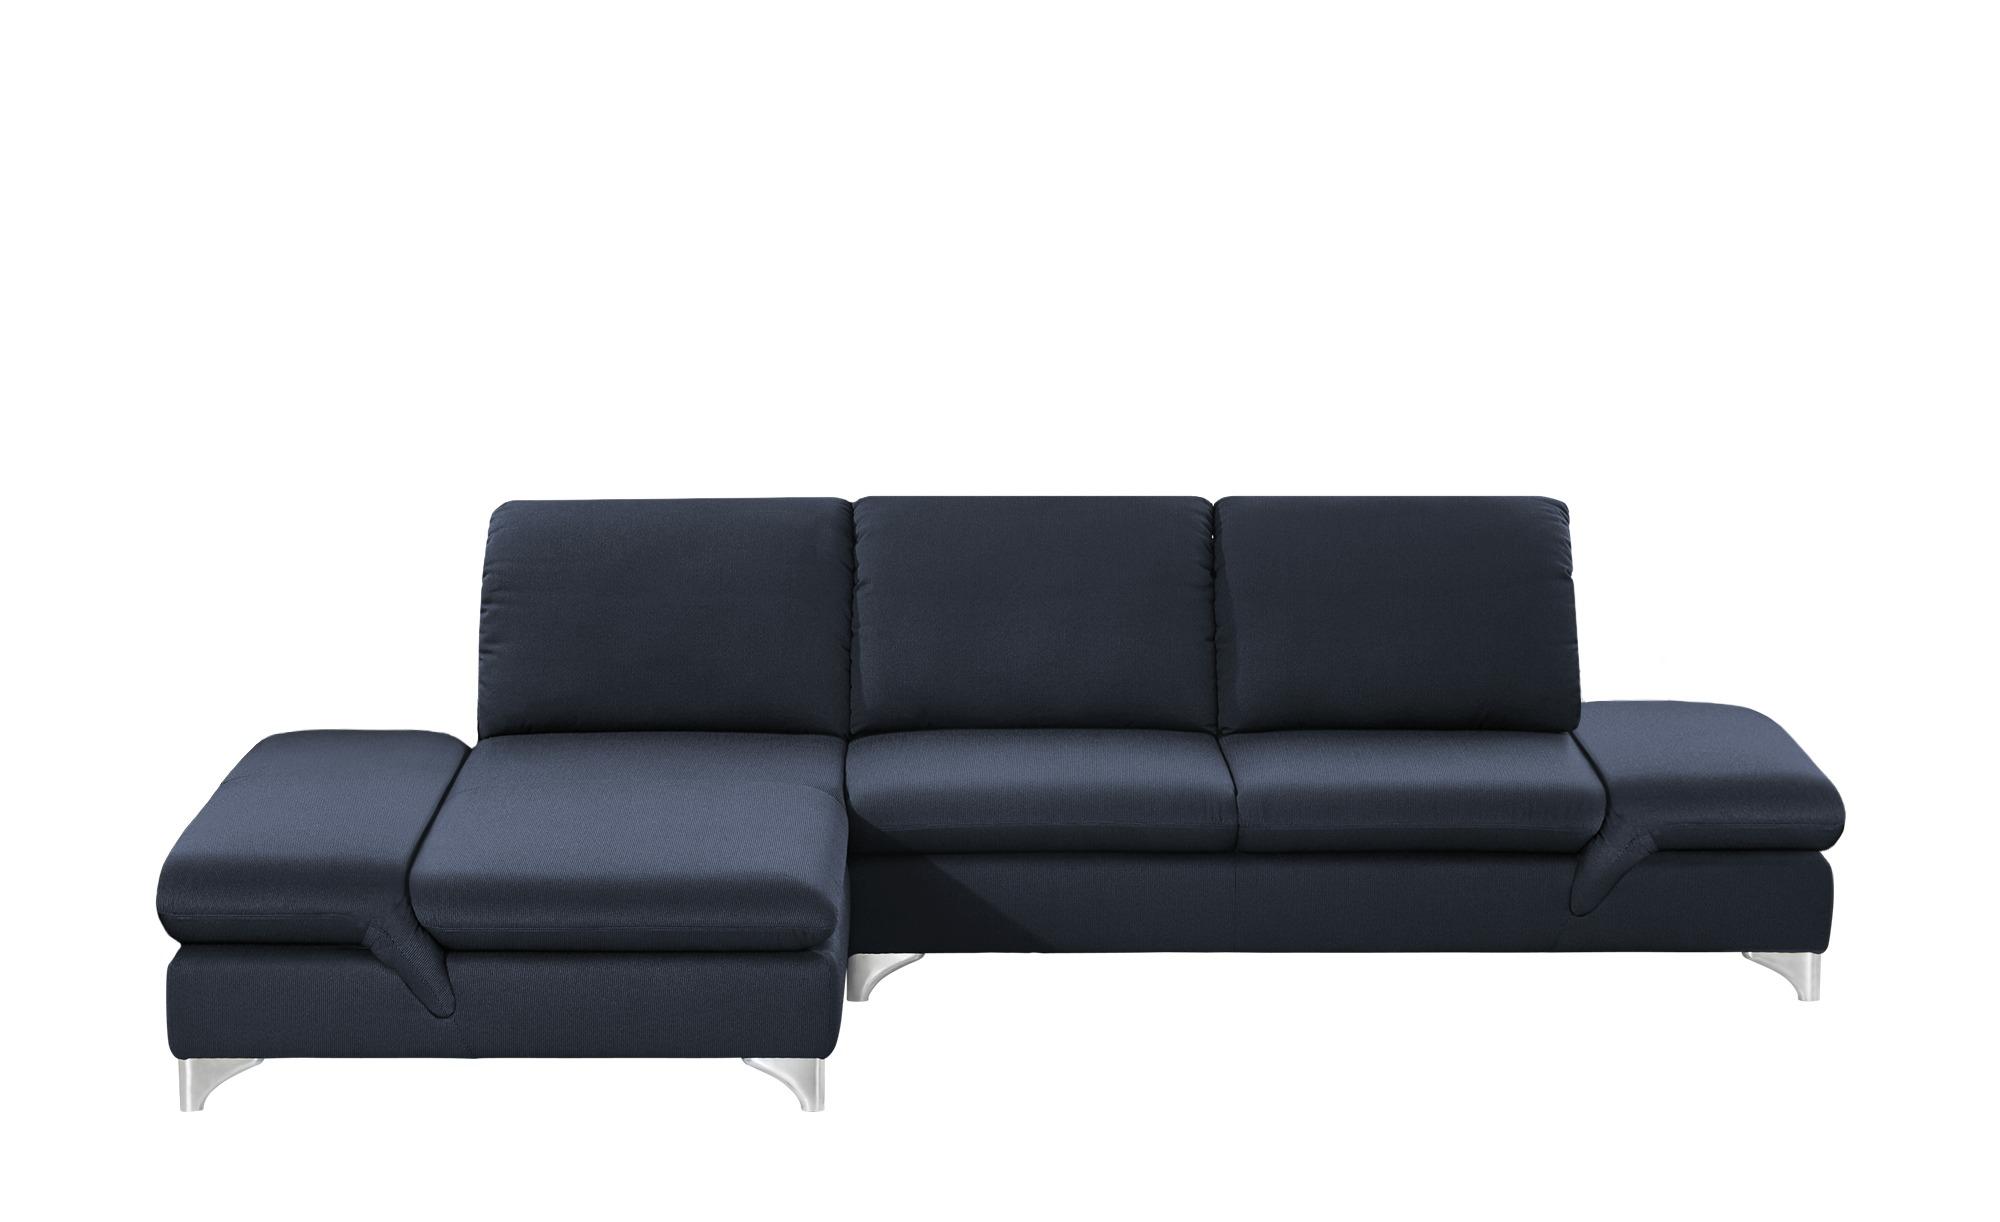 Full Size of Sofa Schillig Couch Outlet Online Kaufen W Black Label Foscaari Willi Gebraucht Donna Ewald Sherry Leder Broadway Wschillig Ecksofa Blau Webstoff Saraa Sofa Sofa Schillig